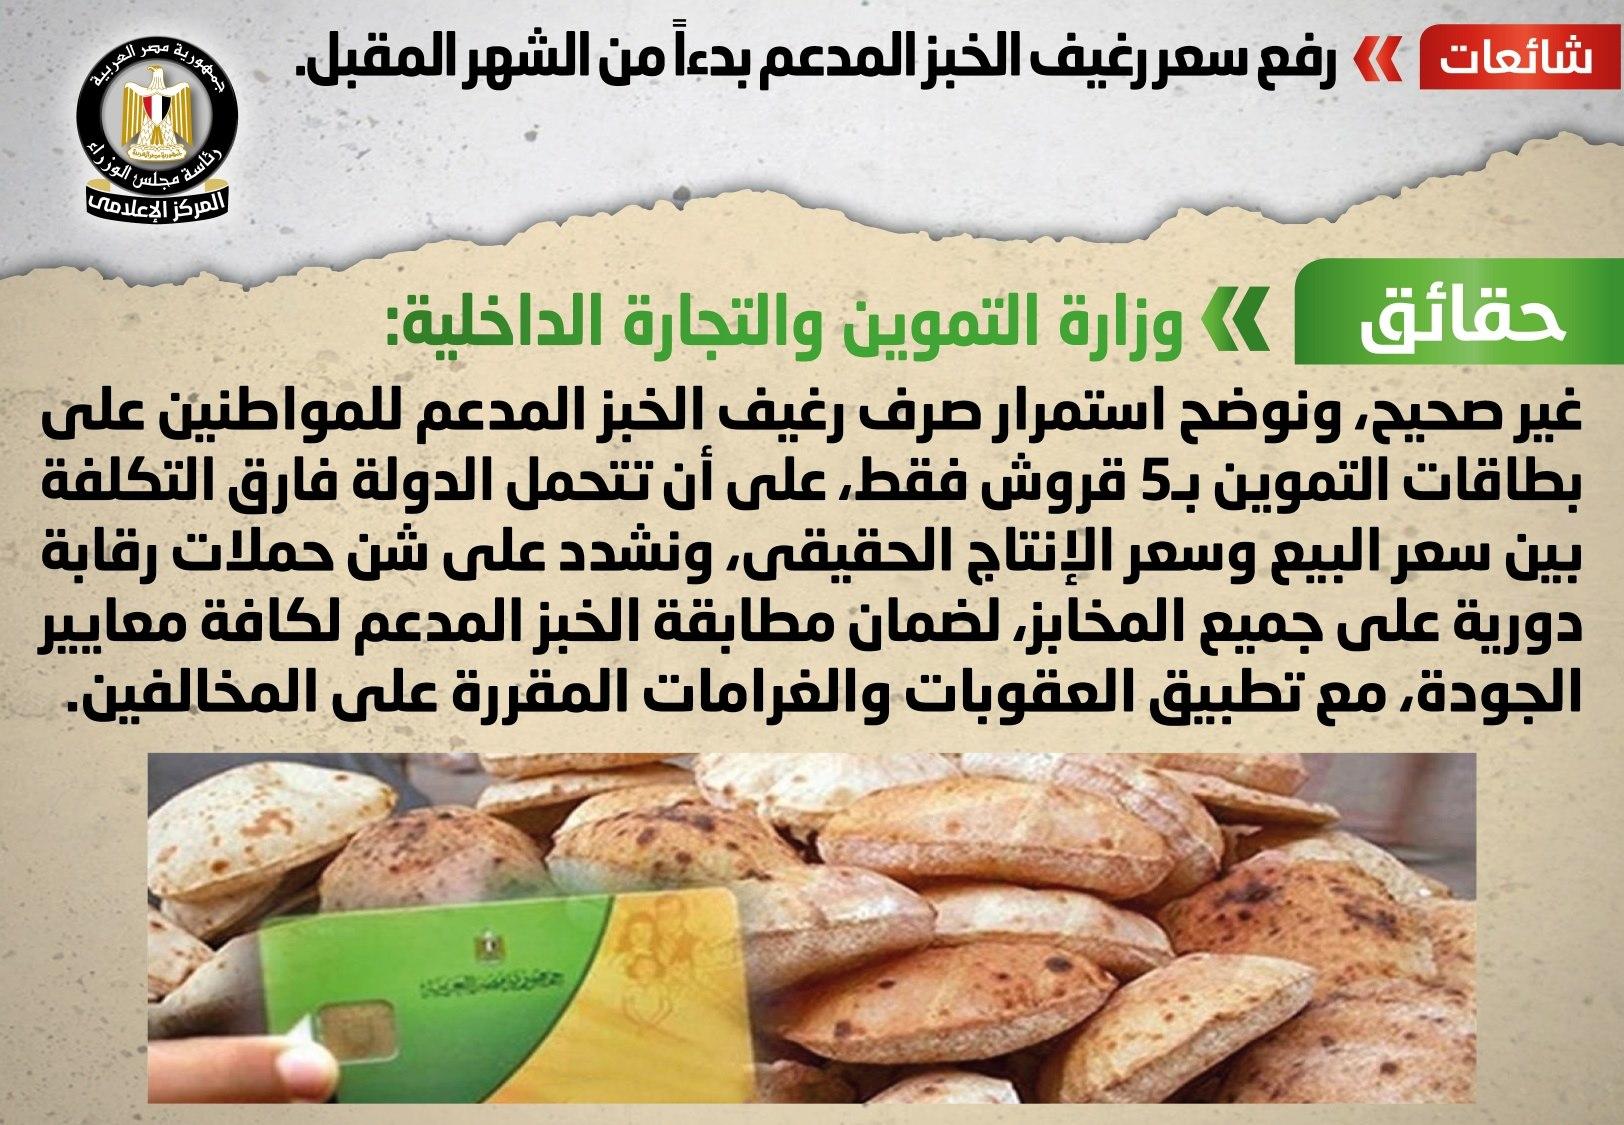 بيان رسمي.. سعر رغيف الخبز المدعم اليوم 4